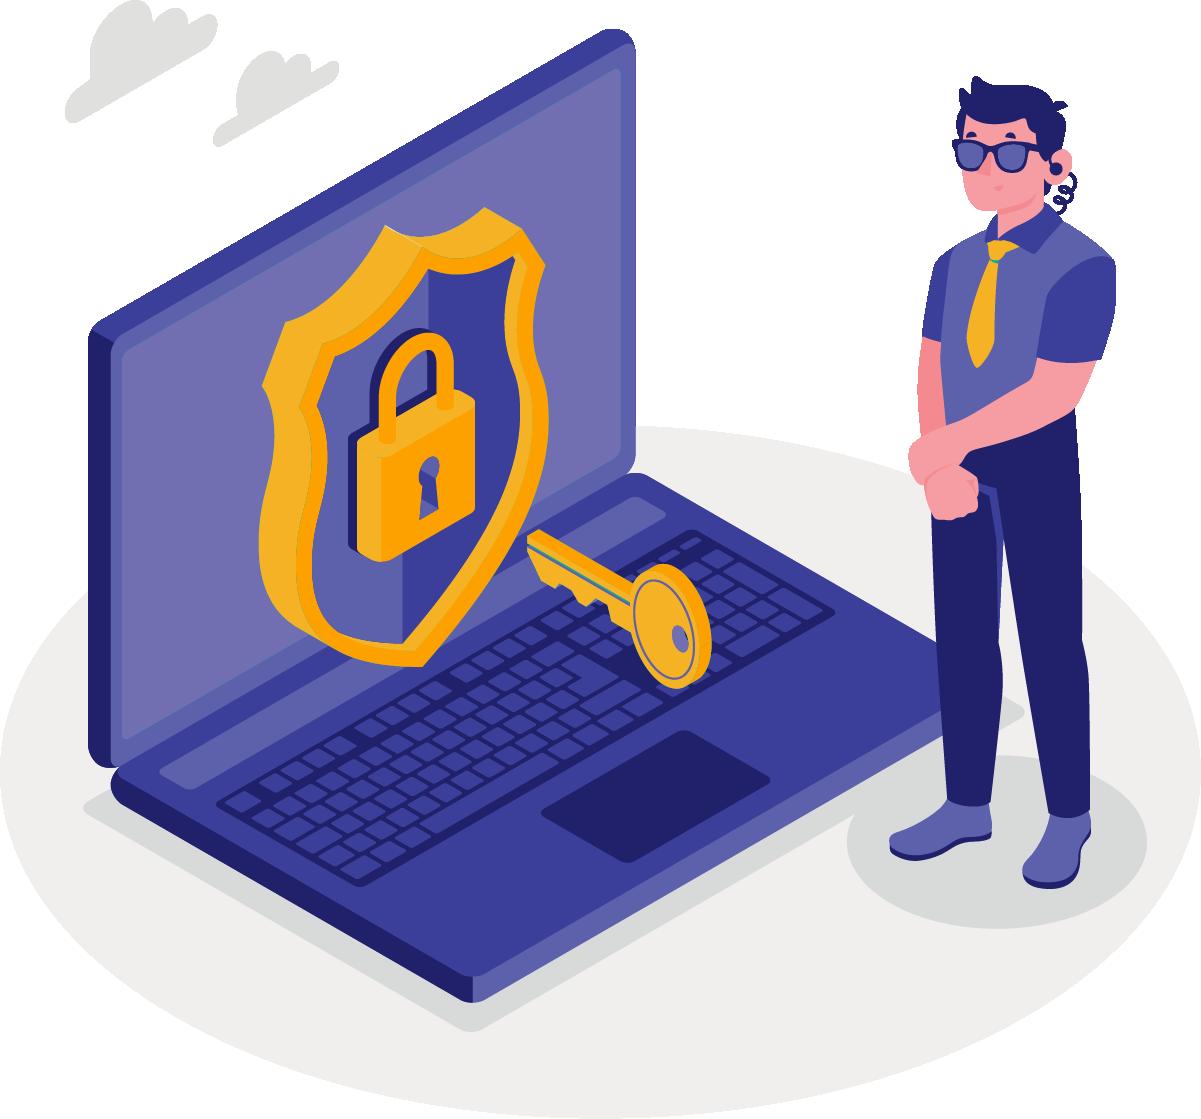 Penalidades que podem ocorrer para quem não cumprir as regras da lei de proteção de dados.